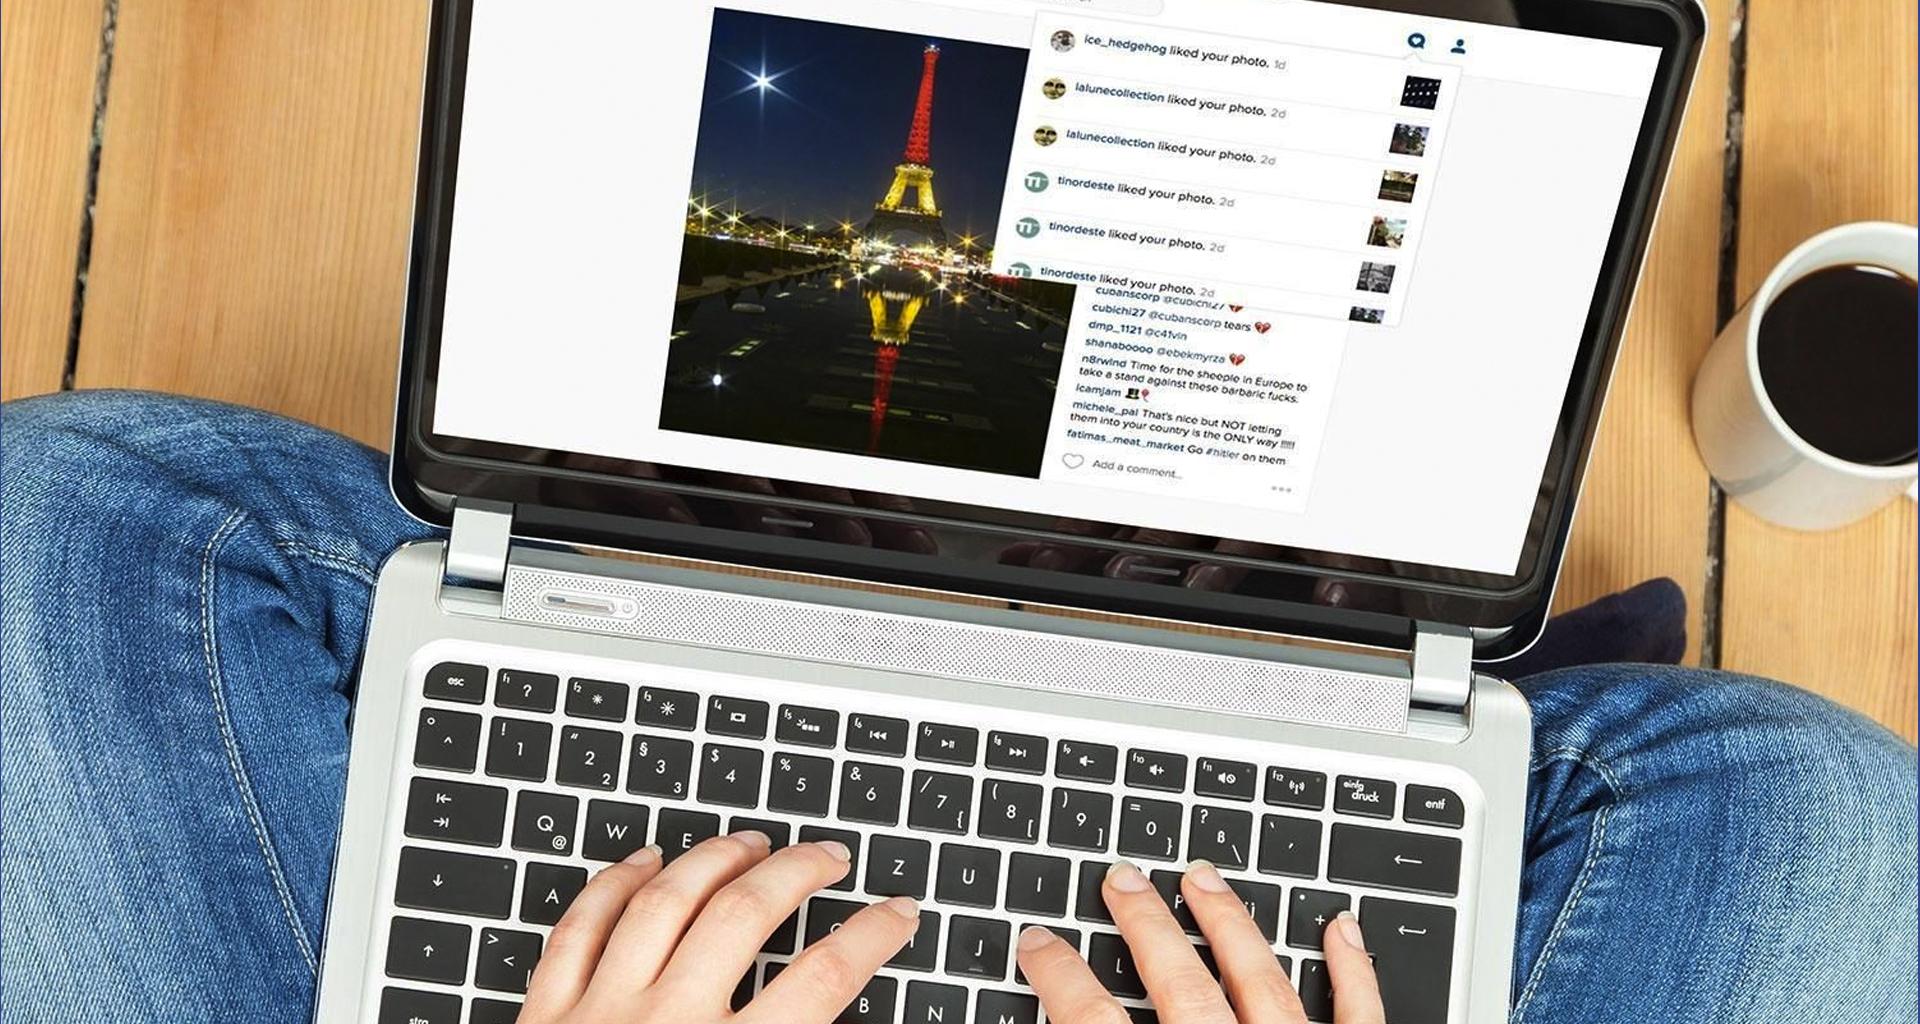 Artık Instagram'a Masaüstü Bilgisayarlardan Fotoğraf Yüklenebiliyor!